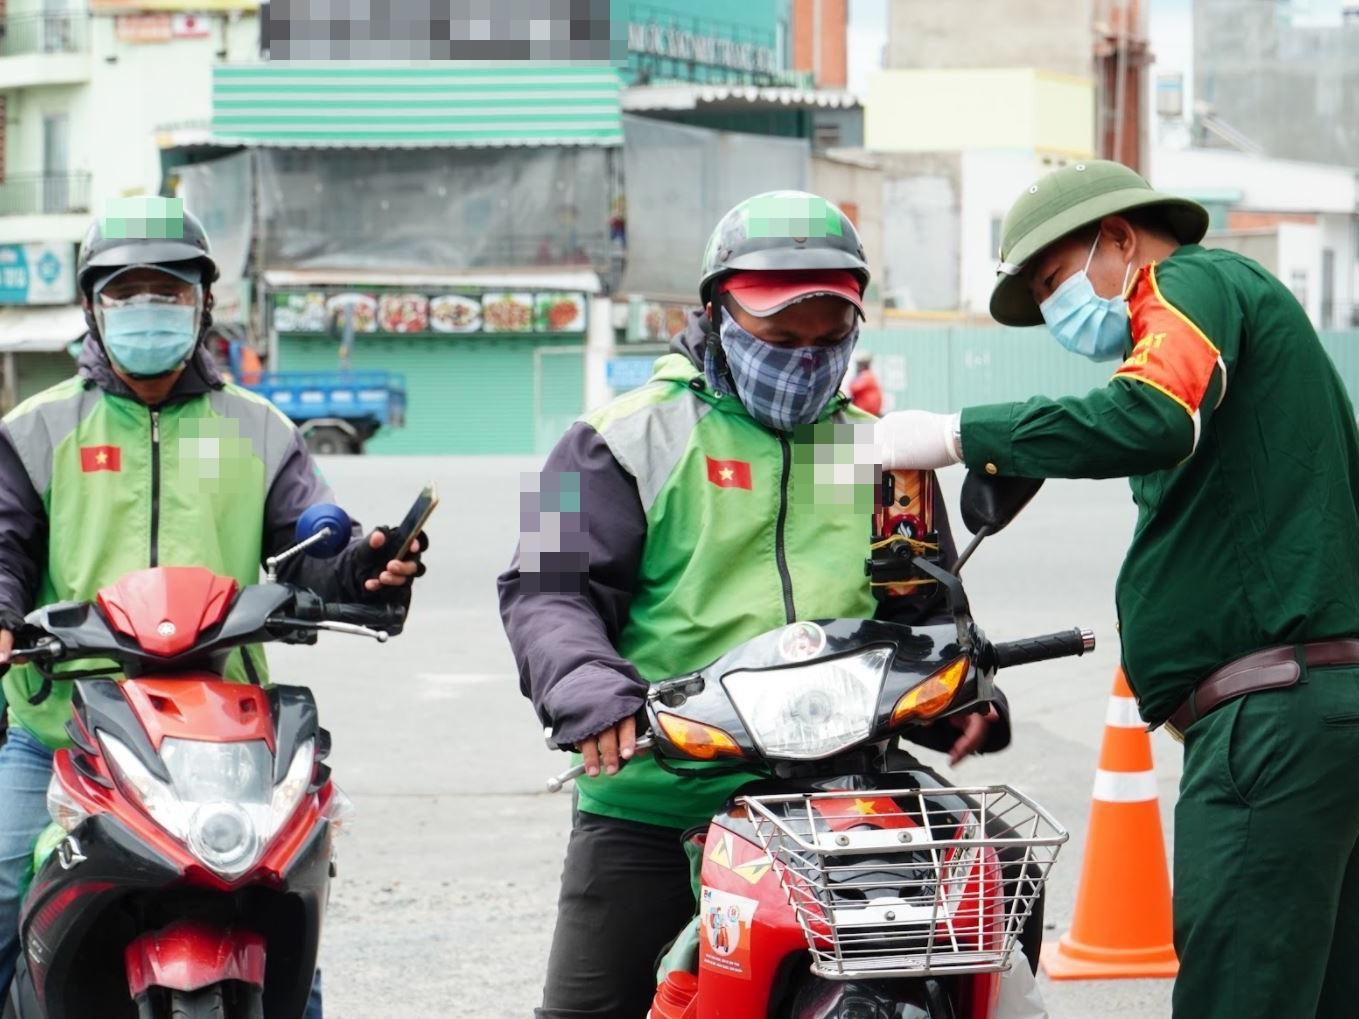 Hà Nội: Shipper được hoạt động trong phân vùng đỏ để phục vụ nhu cầu vận chuyển, cung ứng hàng hóa cho người dân